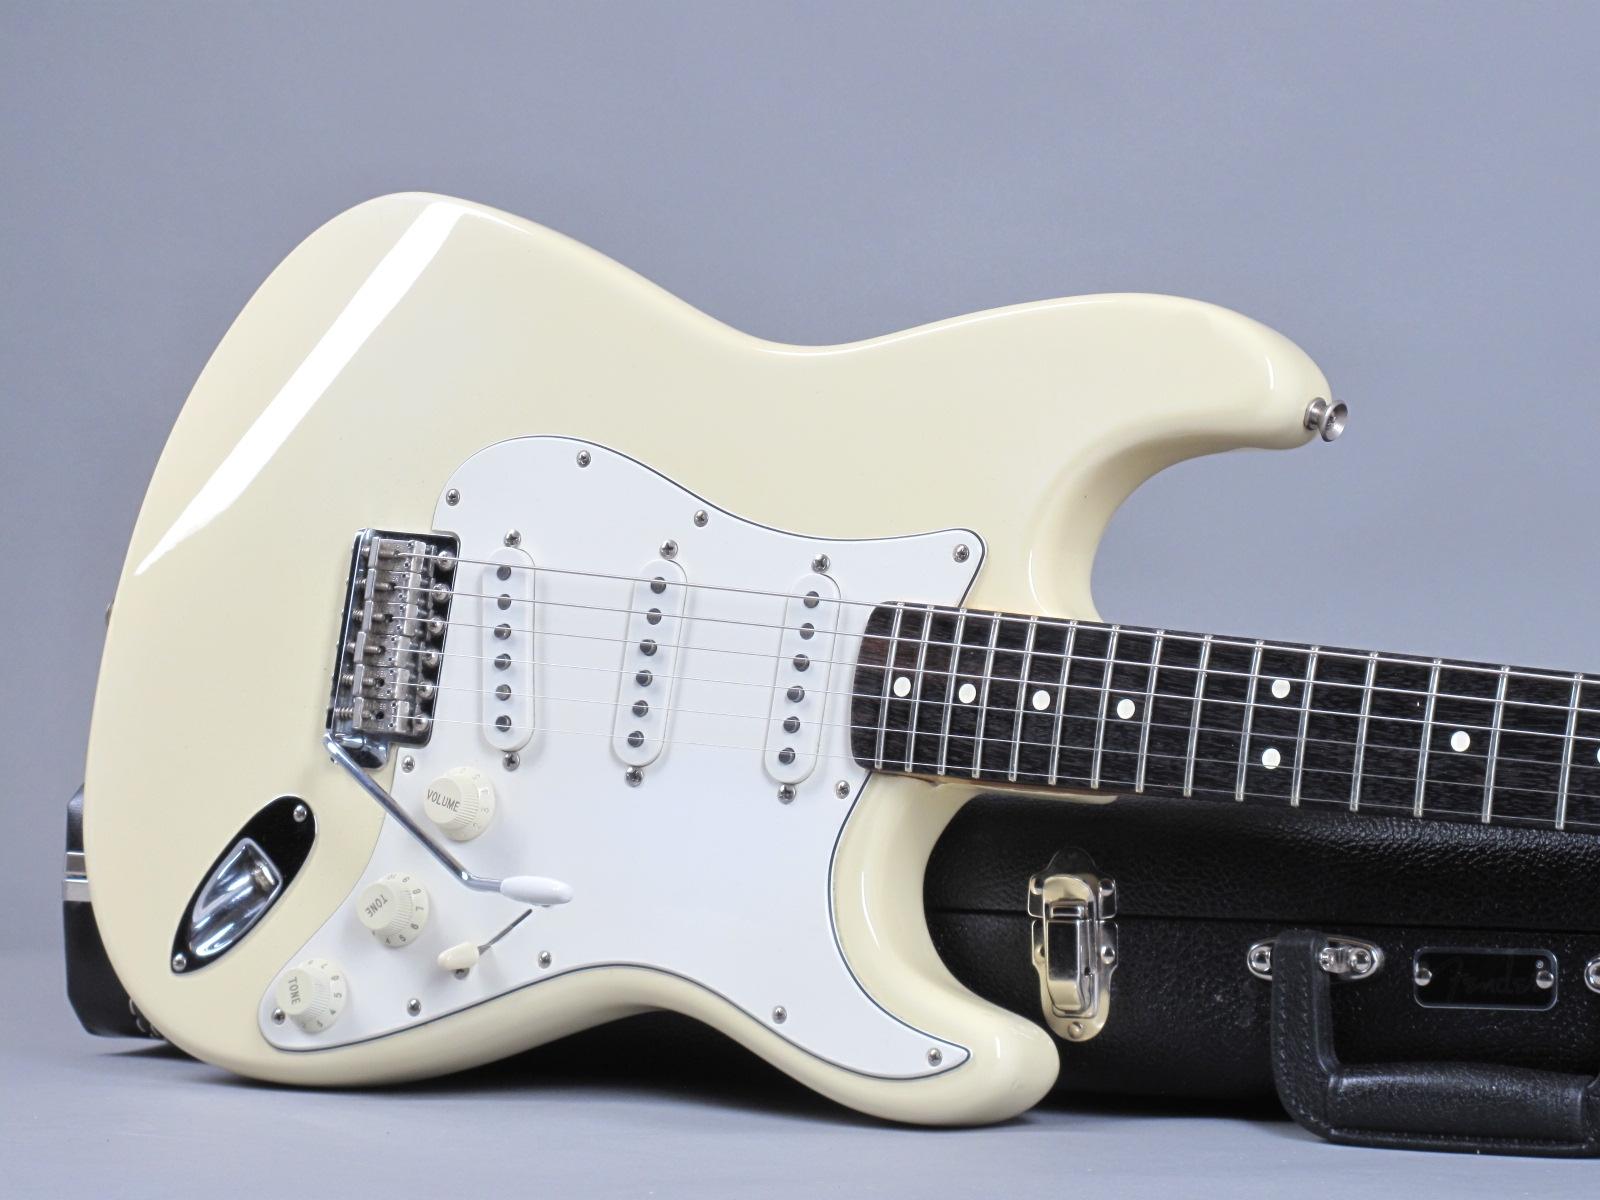 https://guitarpoint.de/app/uploads/products/1998-fender-jimi-hendrix-voodoo-strat-olympic-white/1997-Fender-Stratocaster-Hendrix-White-TN703967-19.jpg